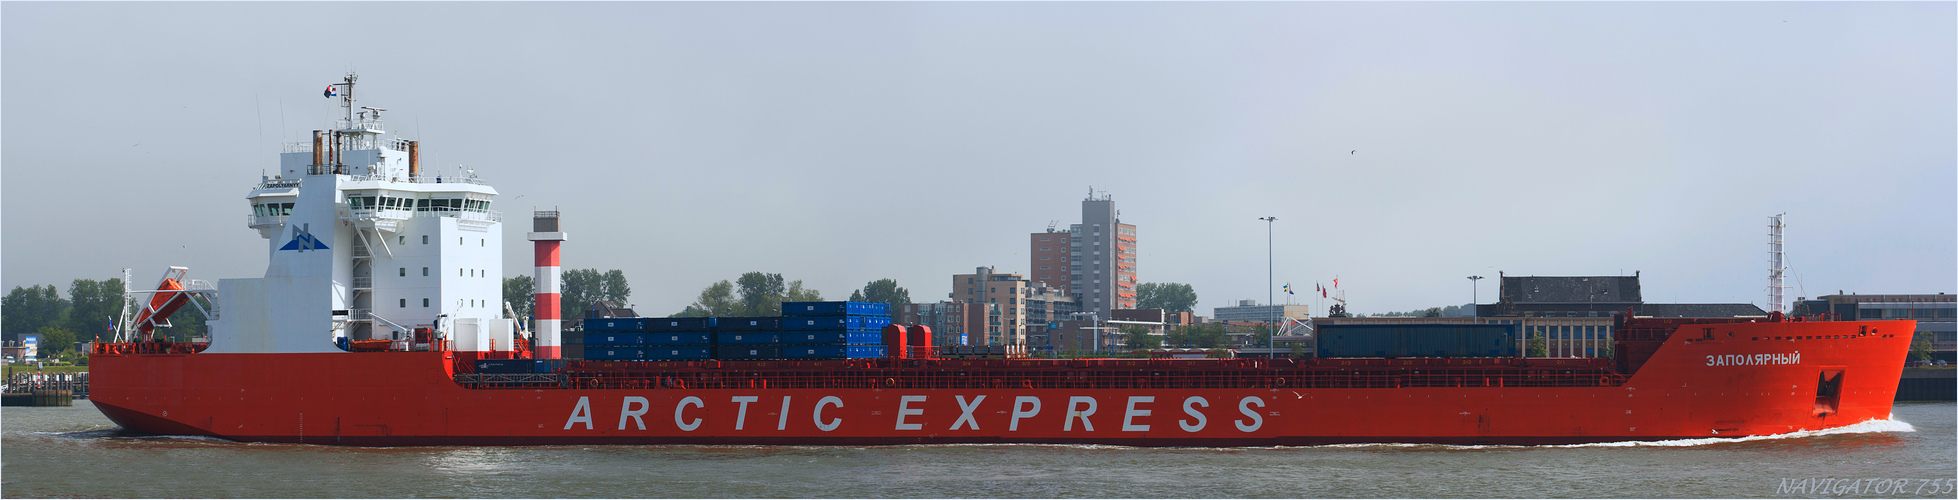 ARCTIC EXPRESS / Eisbrecher + Cargo /  Bitte scrollen!